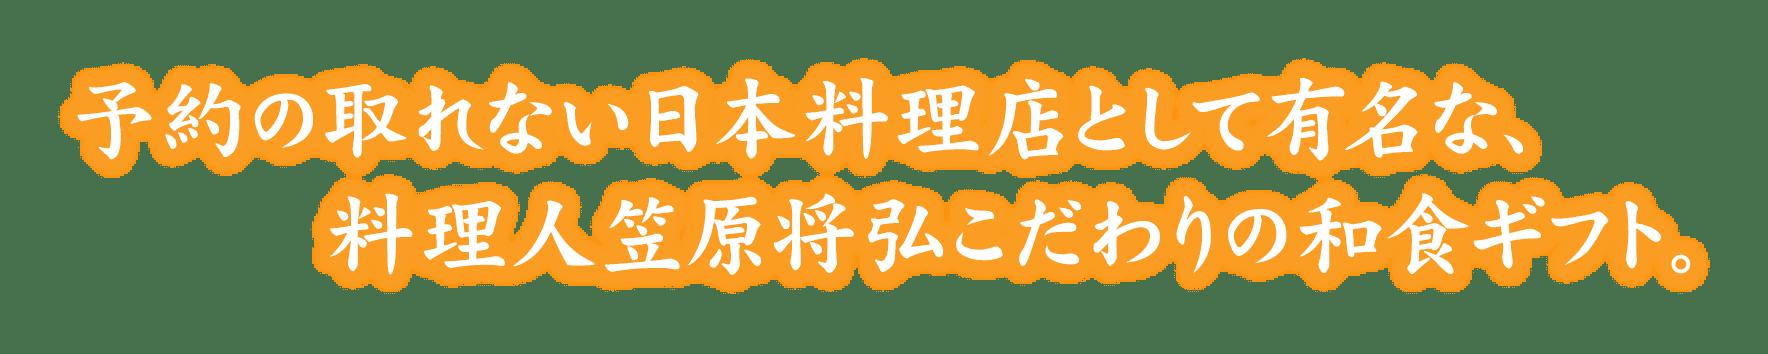 予約の取れない日本料理店として有名な料理人笠原将弘こだわりの和食ギフト。